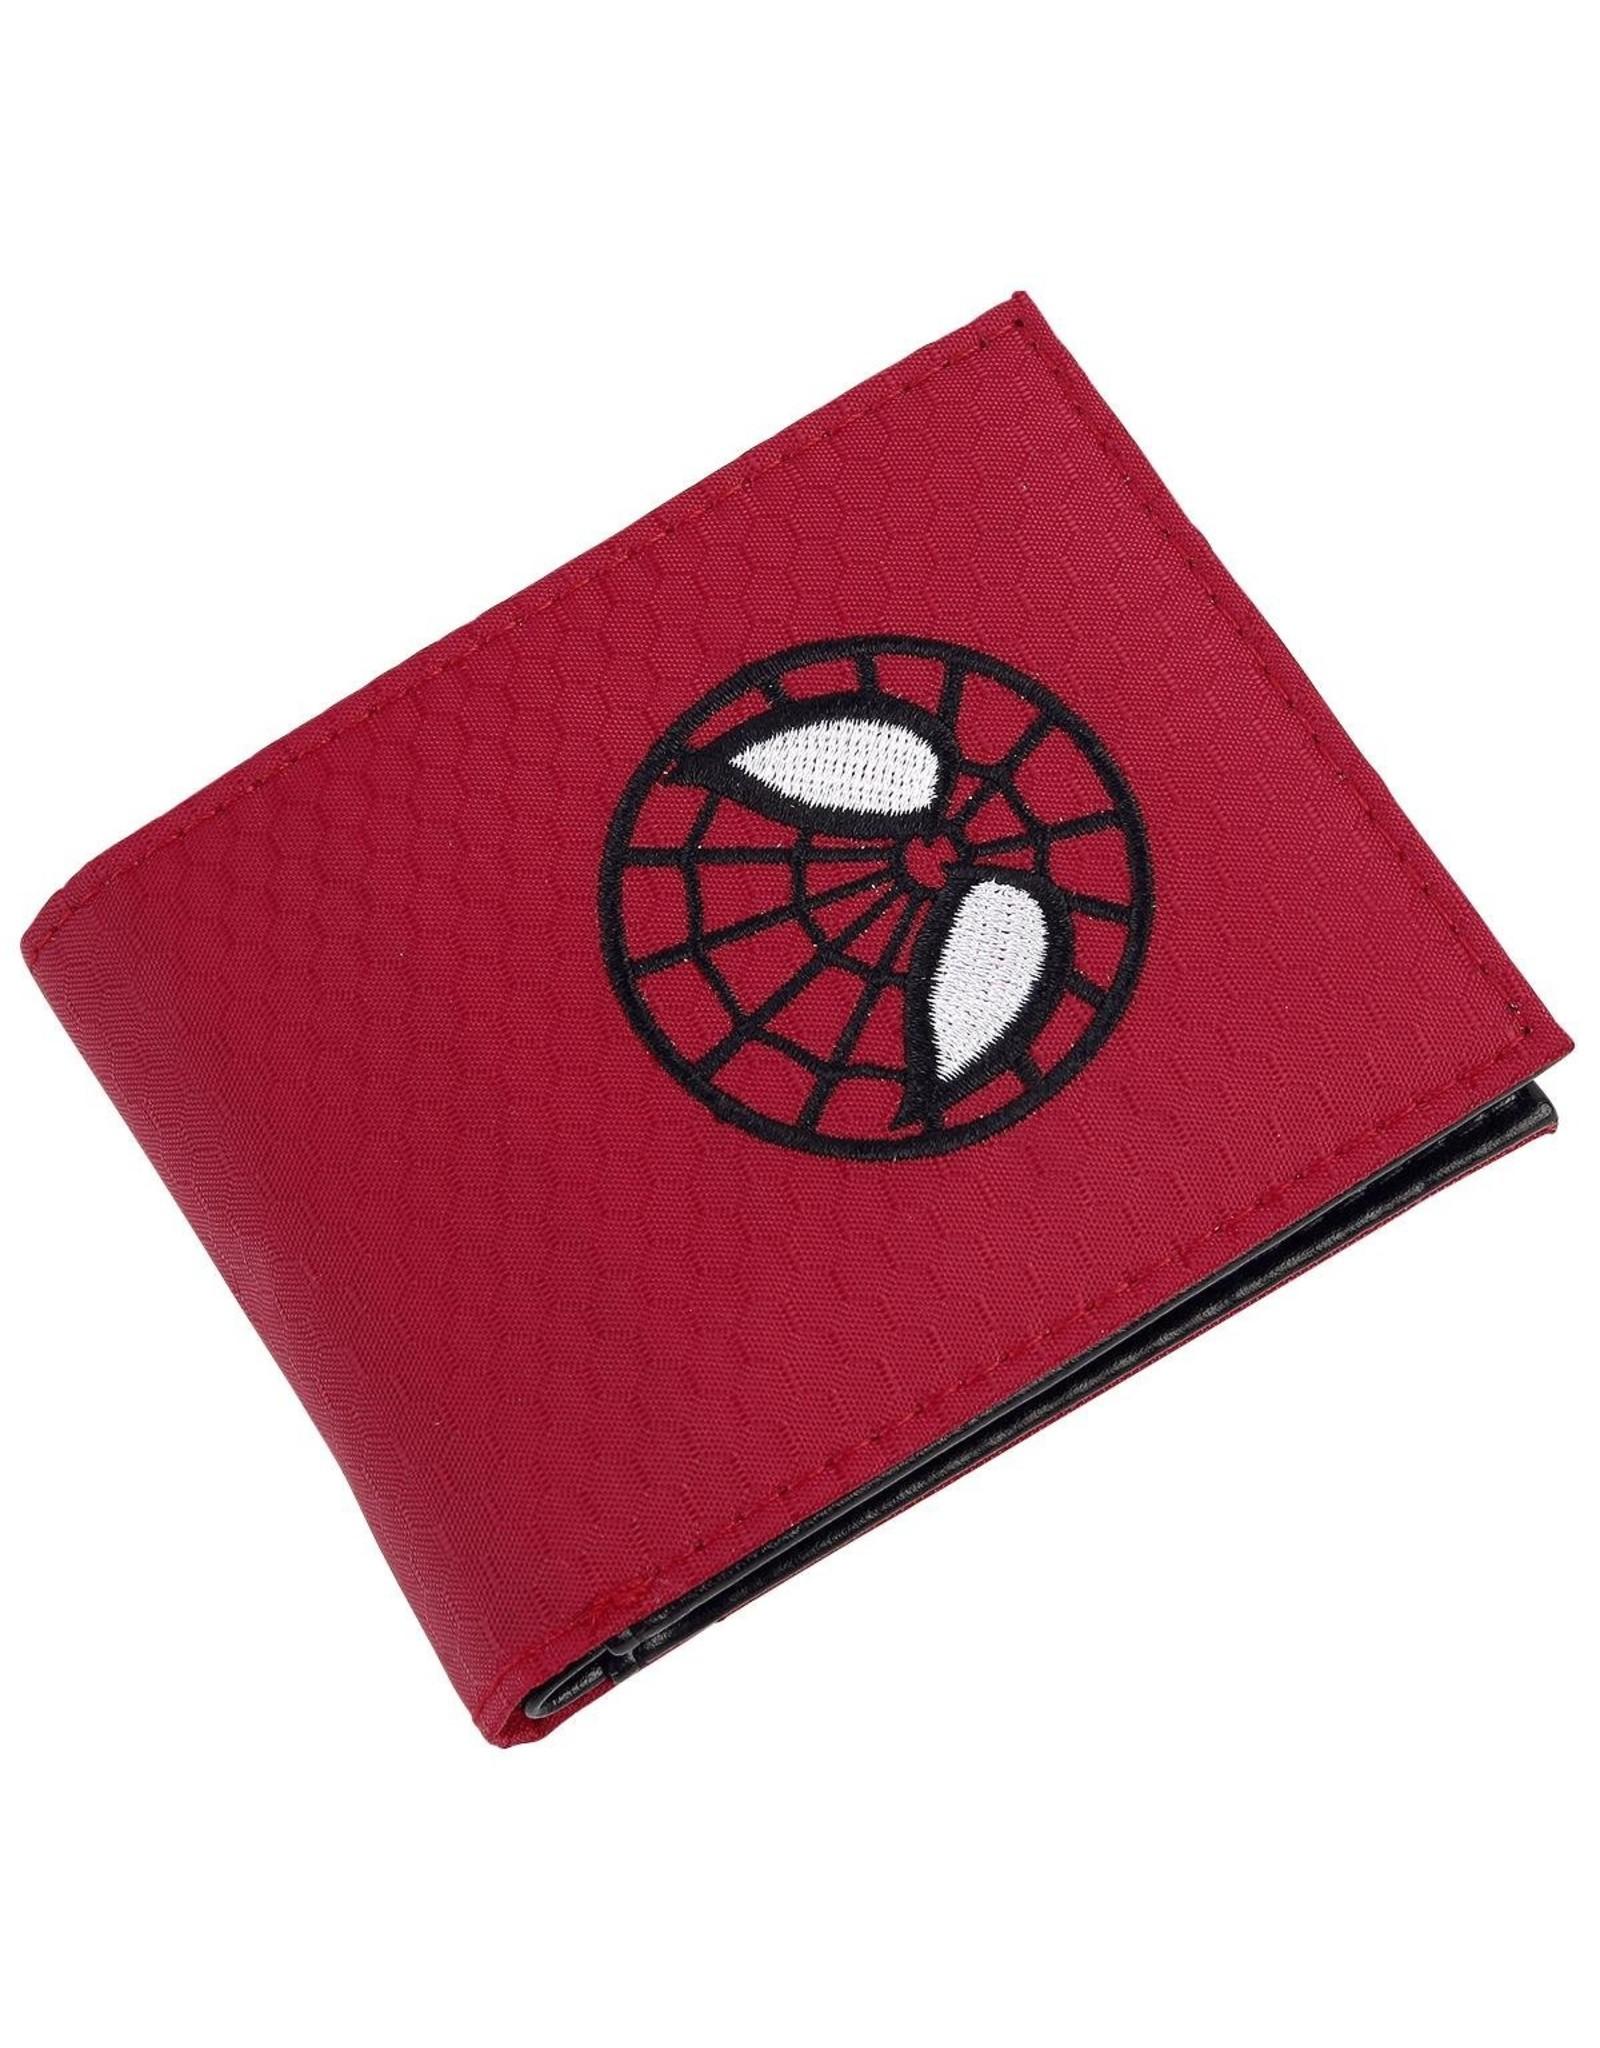 Marvel Marvel tassen en portemonnees - Marvel portemonnee Spider-Man